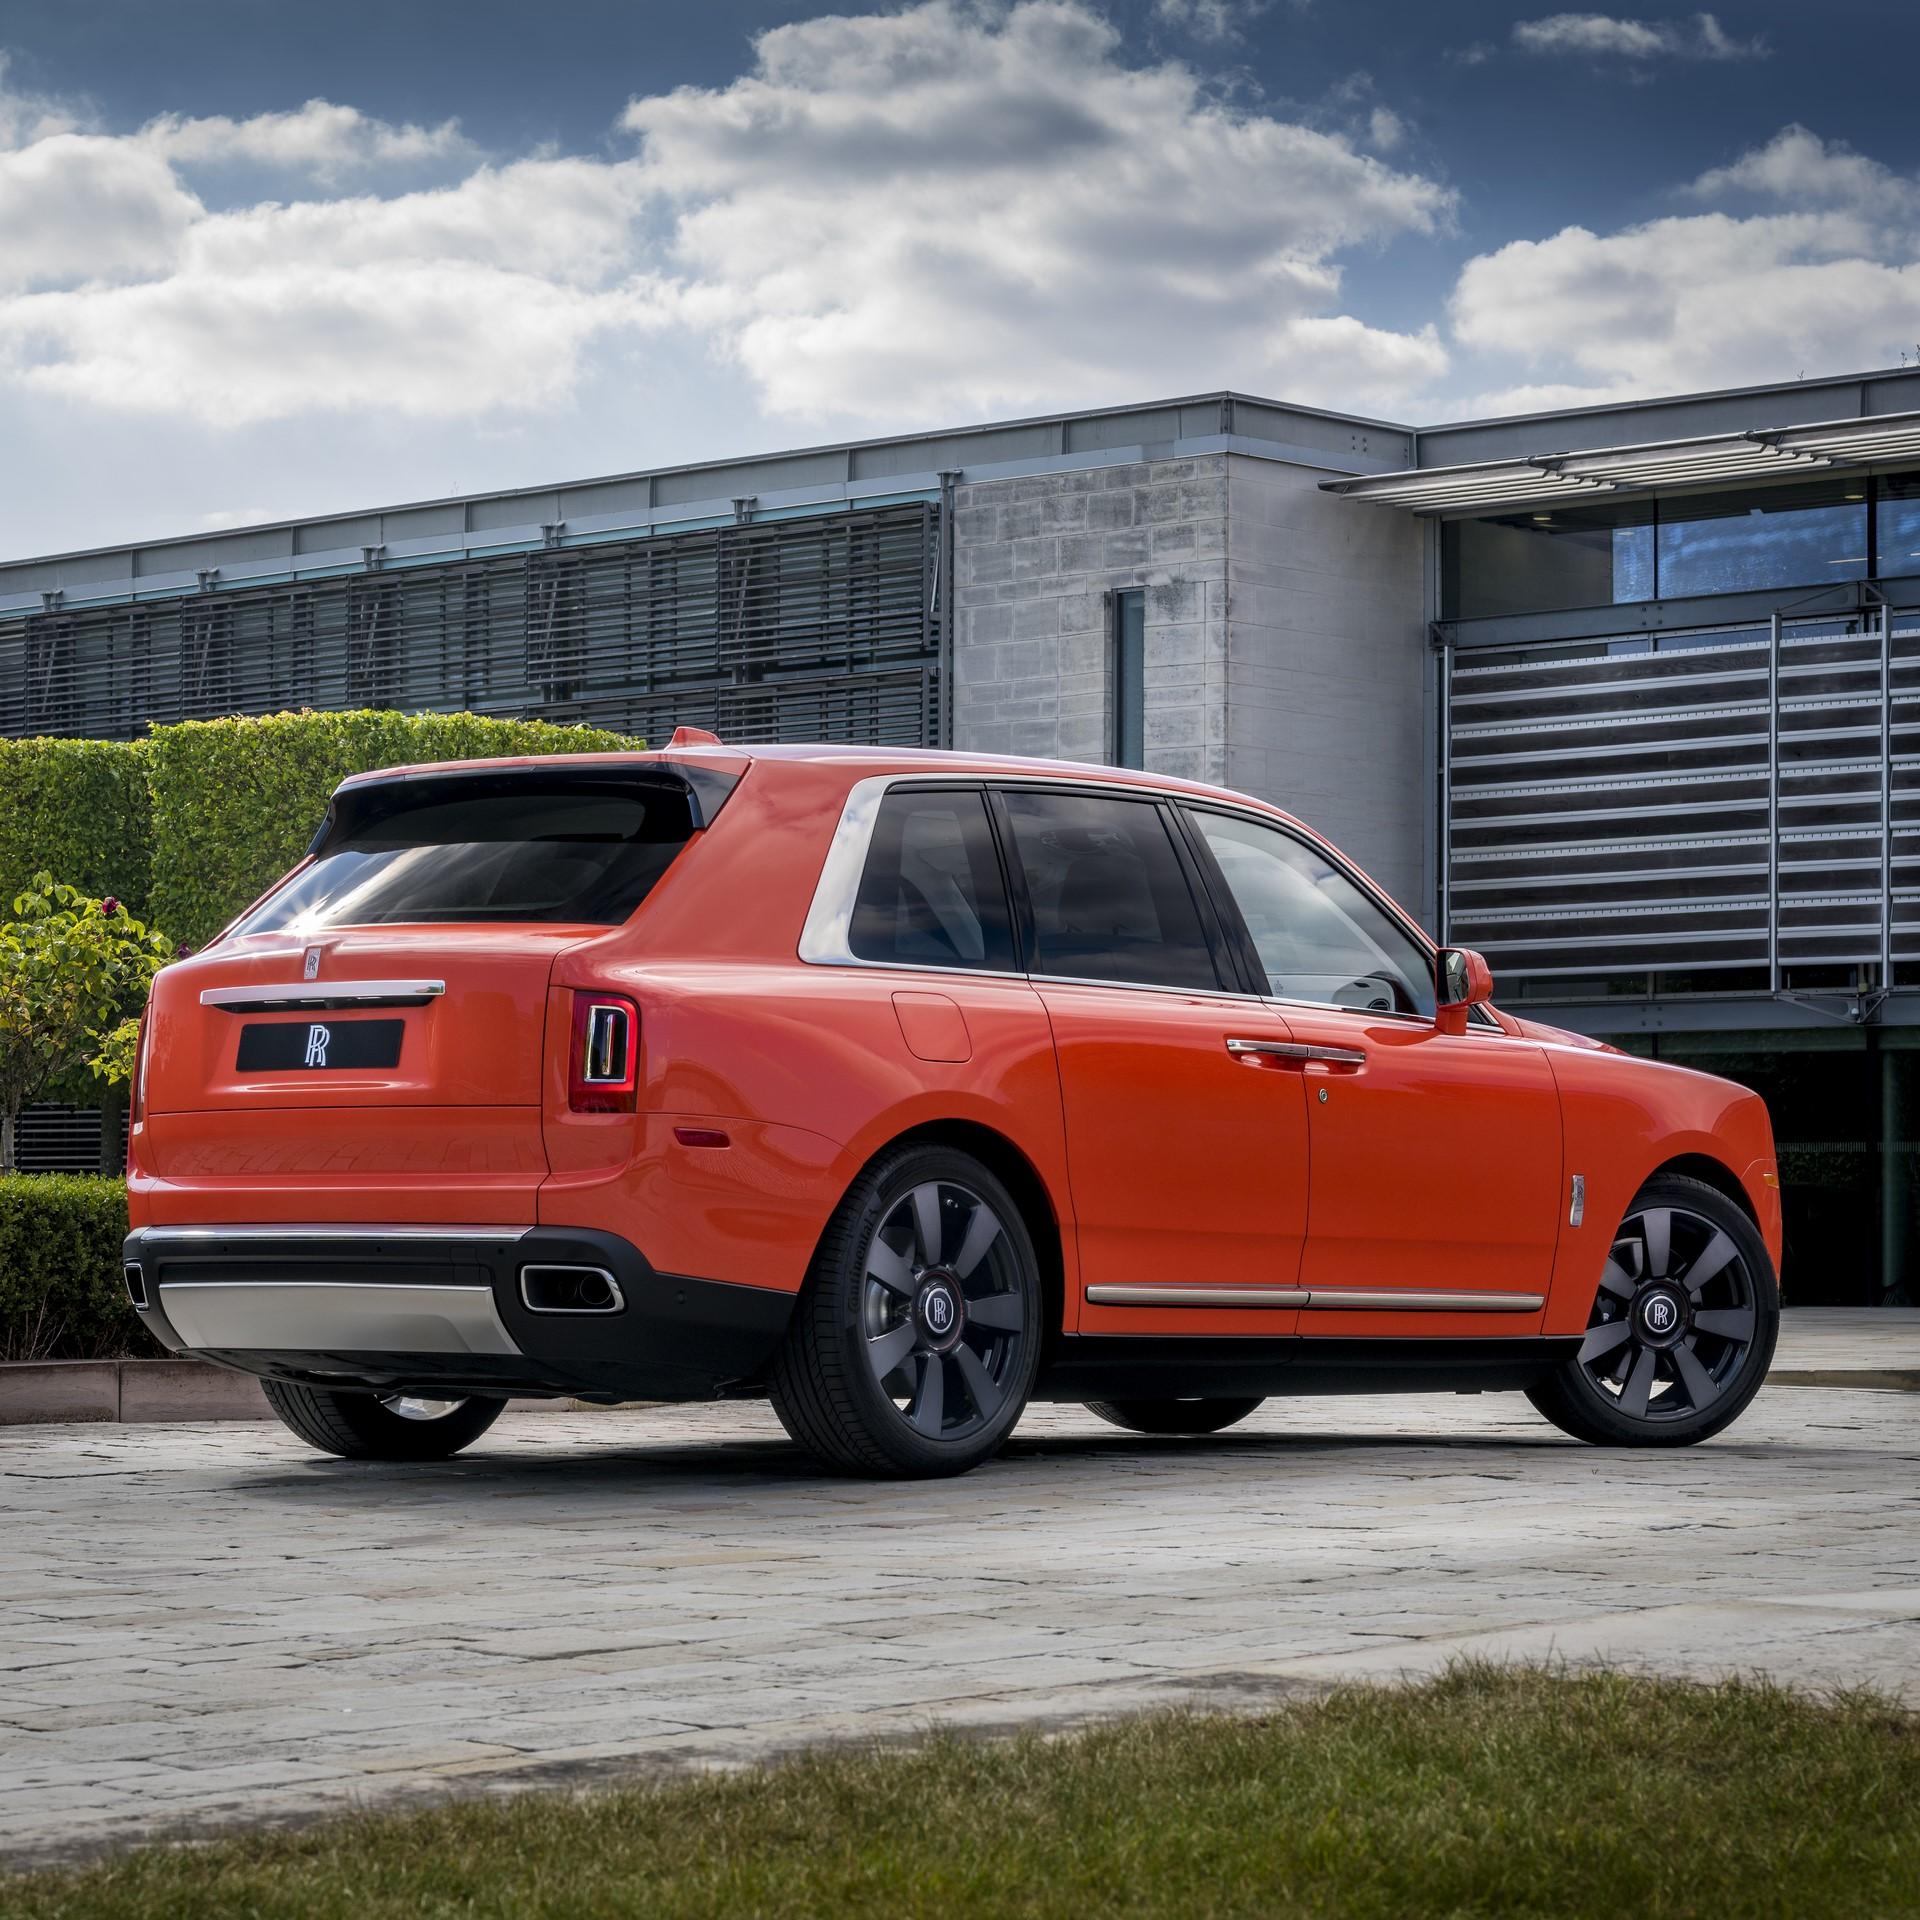 Rolls-Royce-Cullinan-Orange-Fux-20